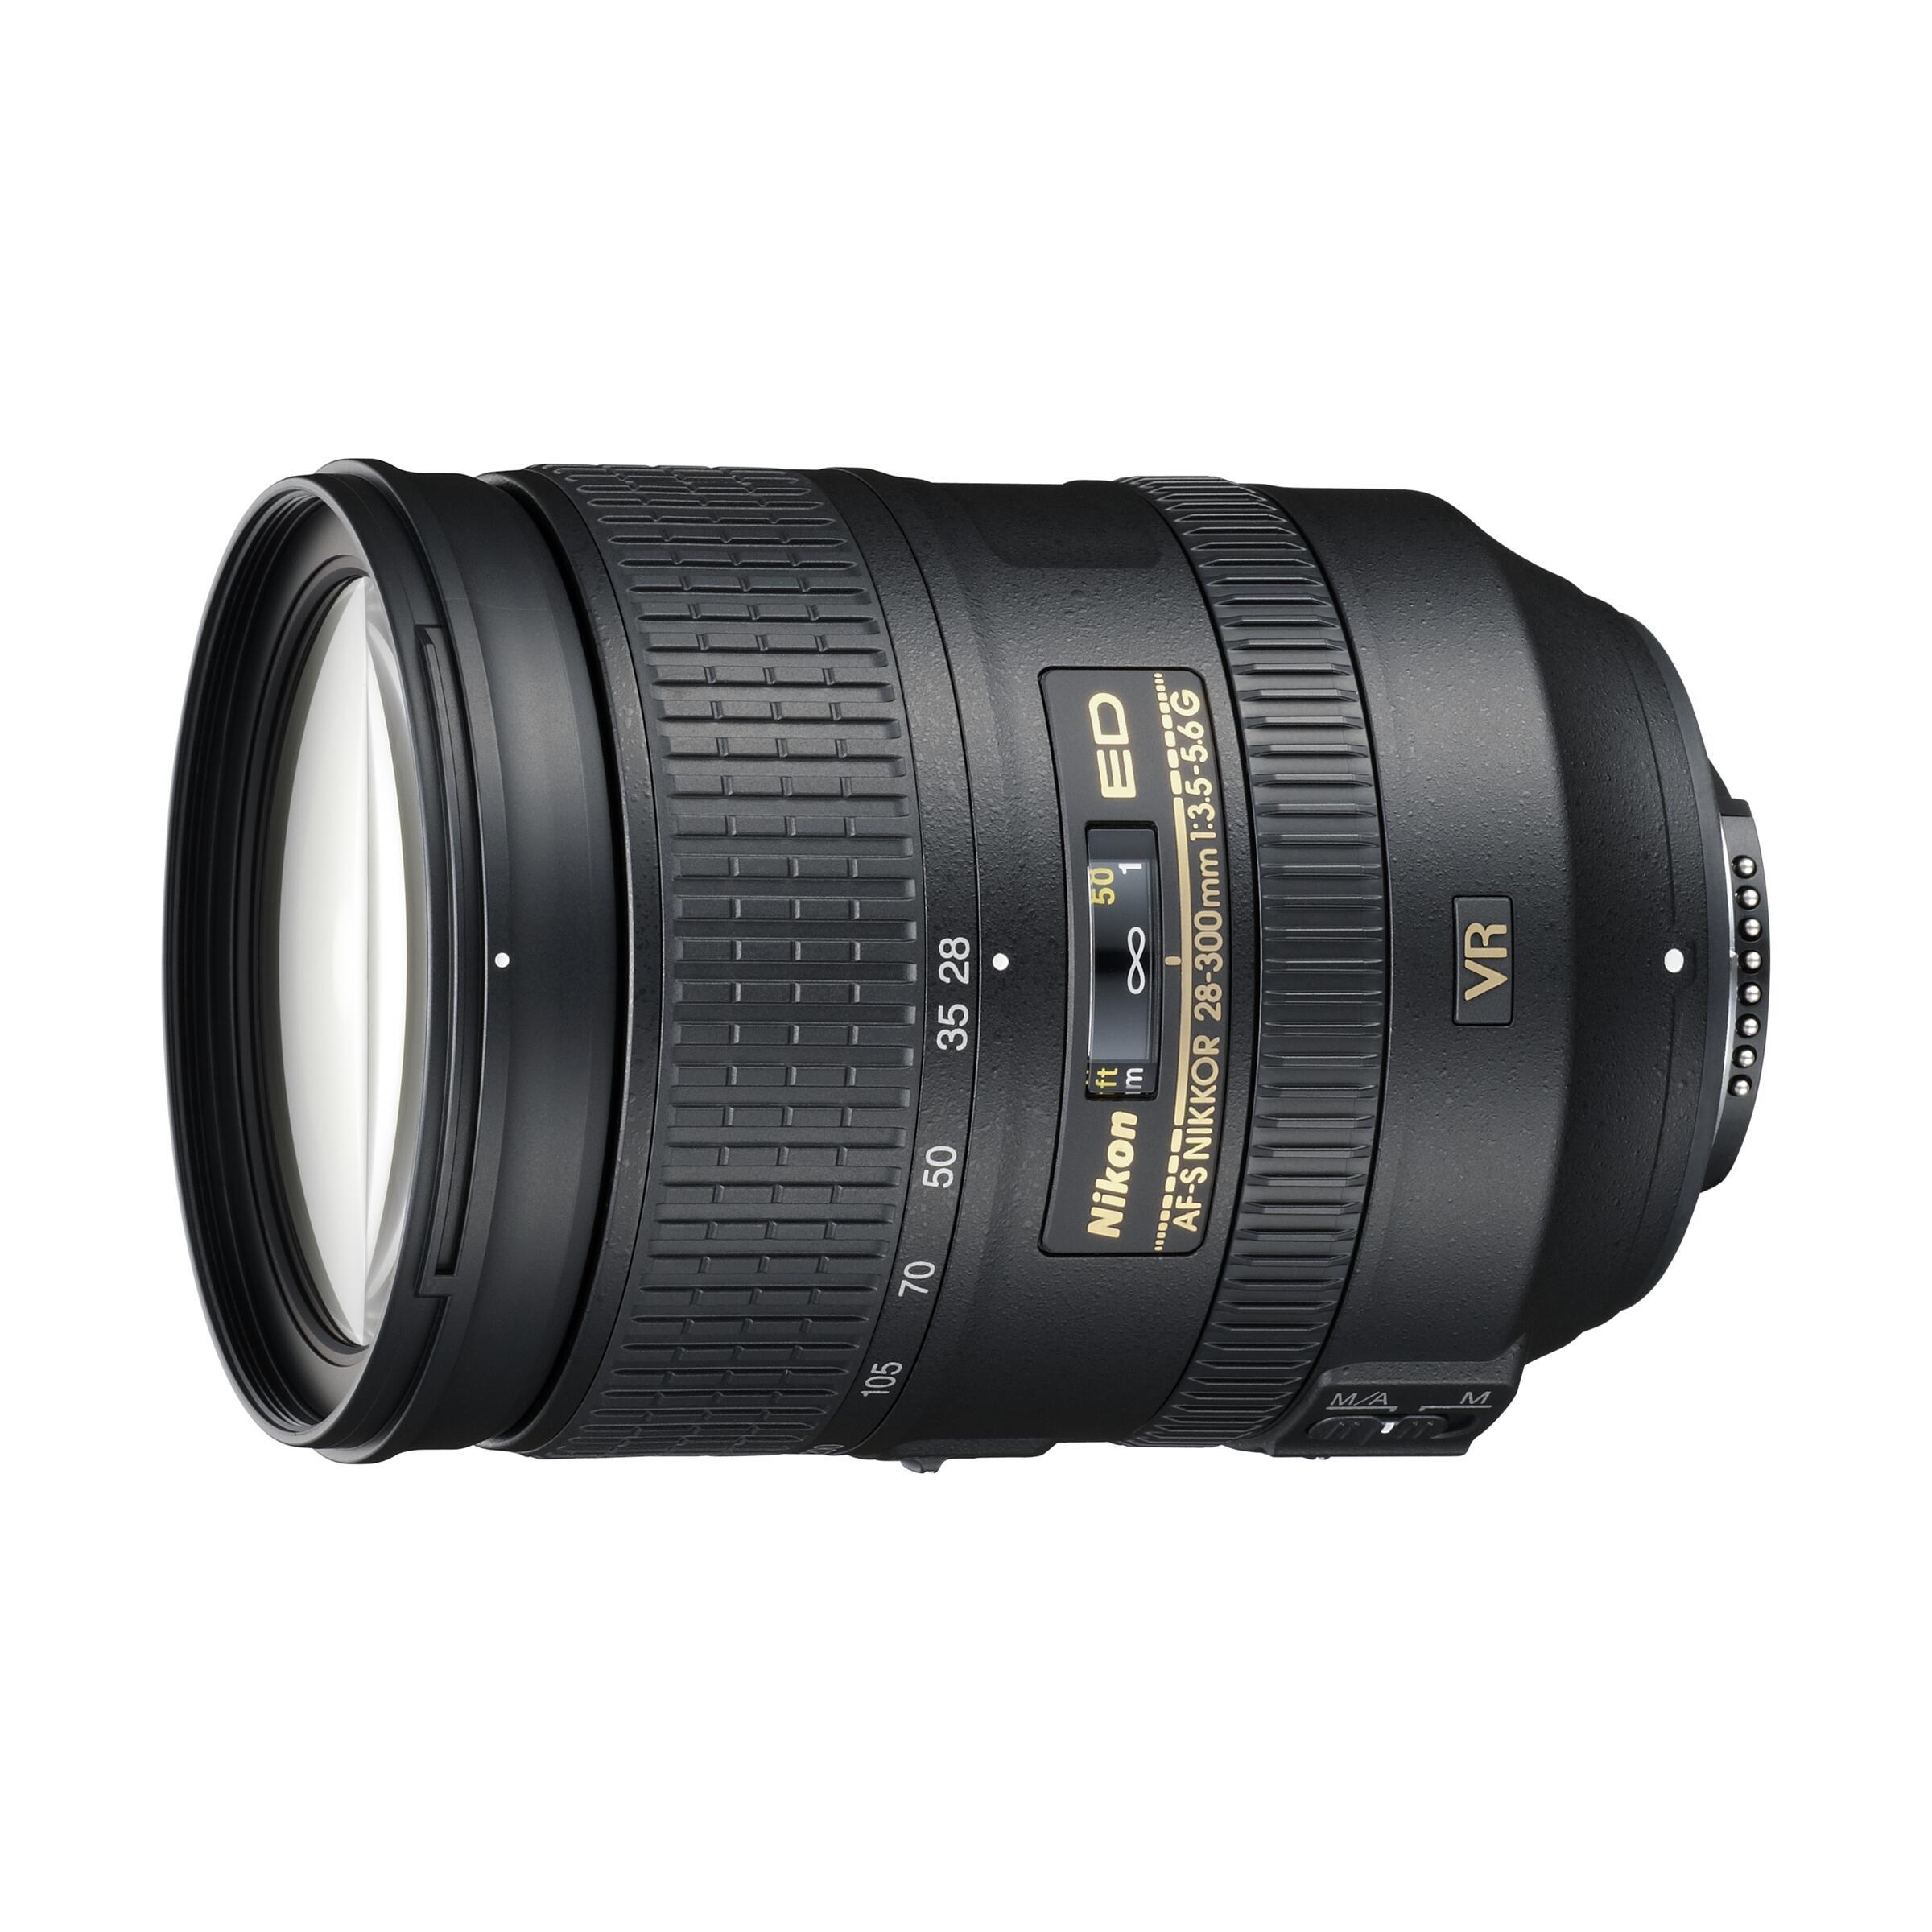 Nikon AF-S 28-300mm f/3,5-5,6 G ED VR